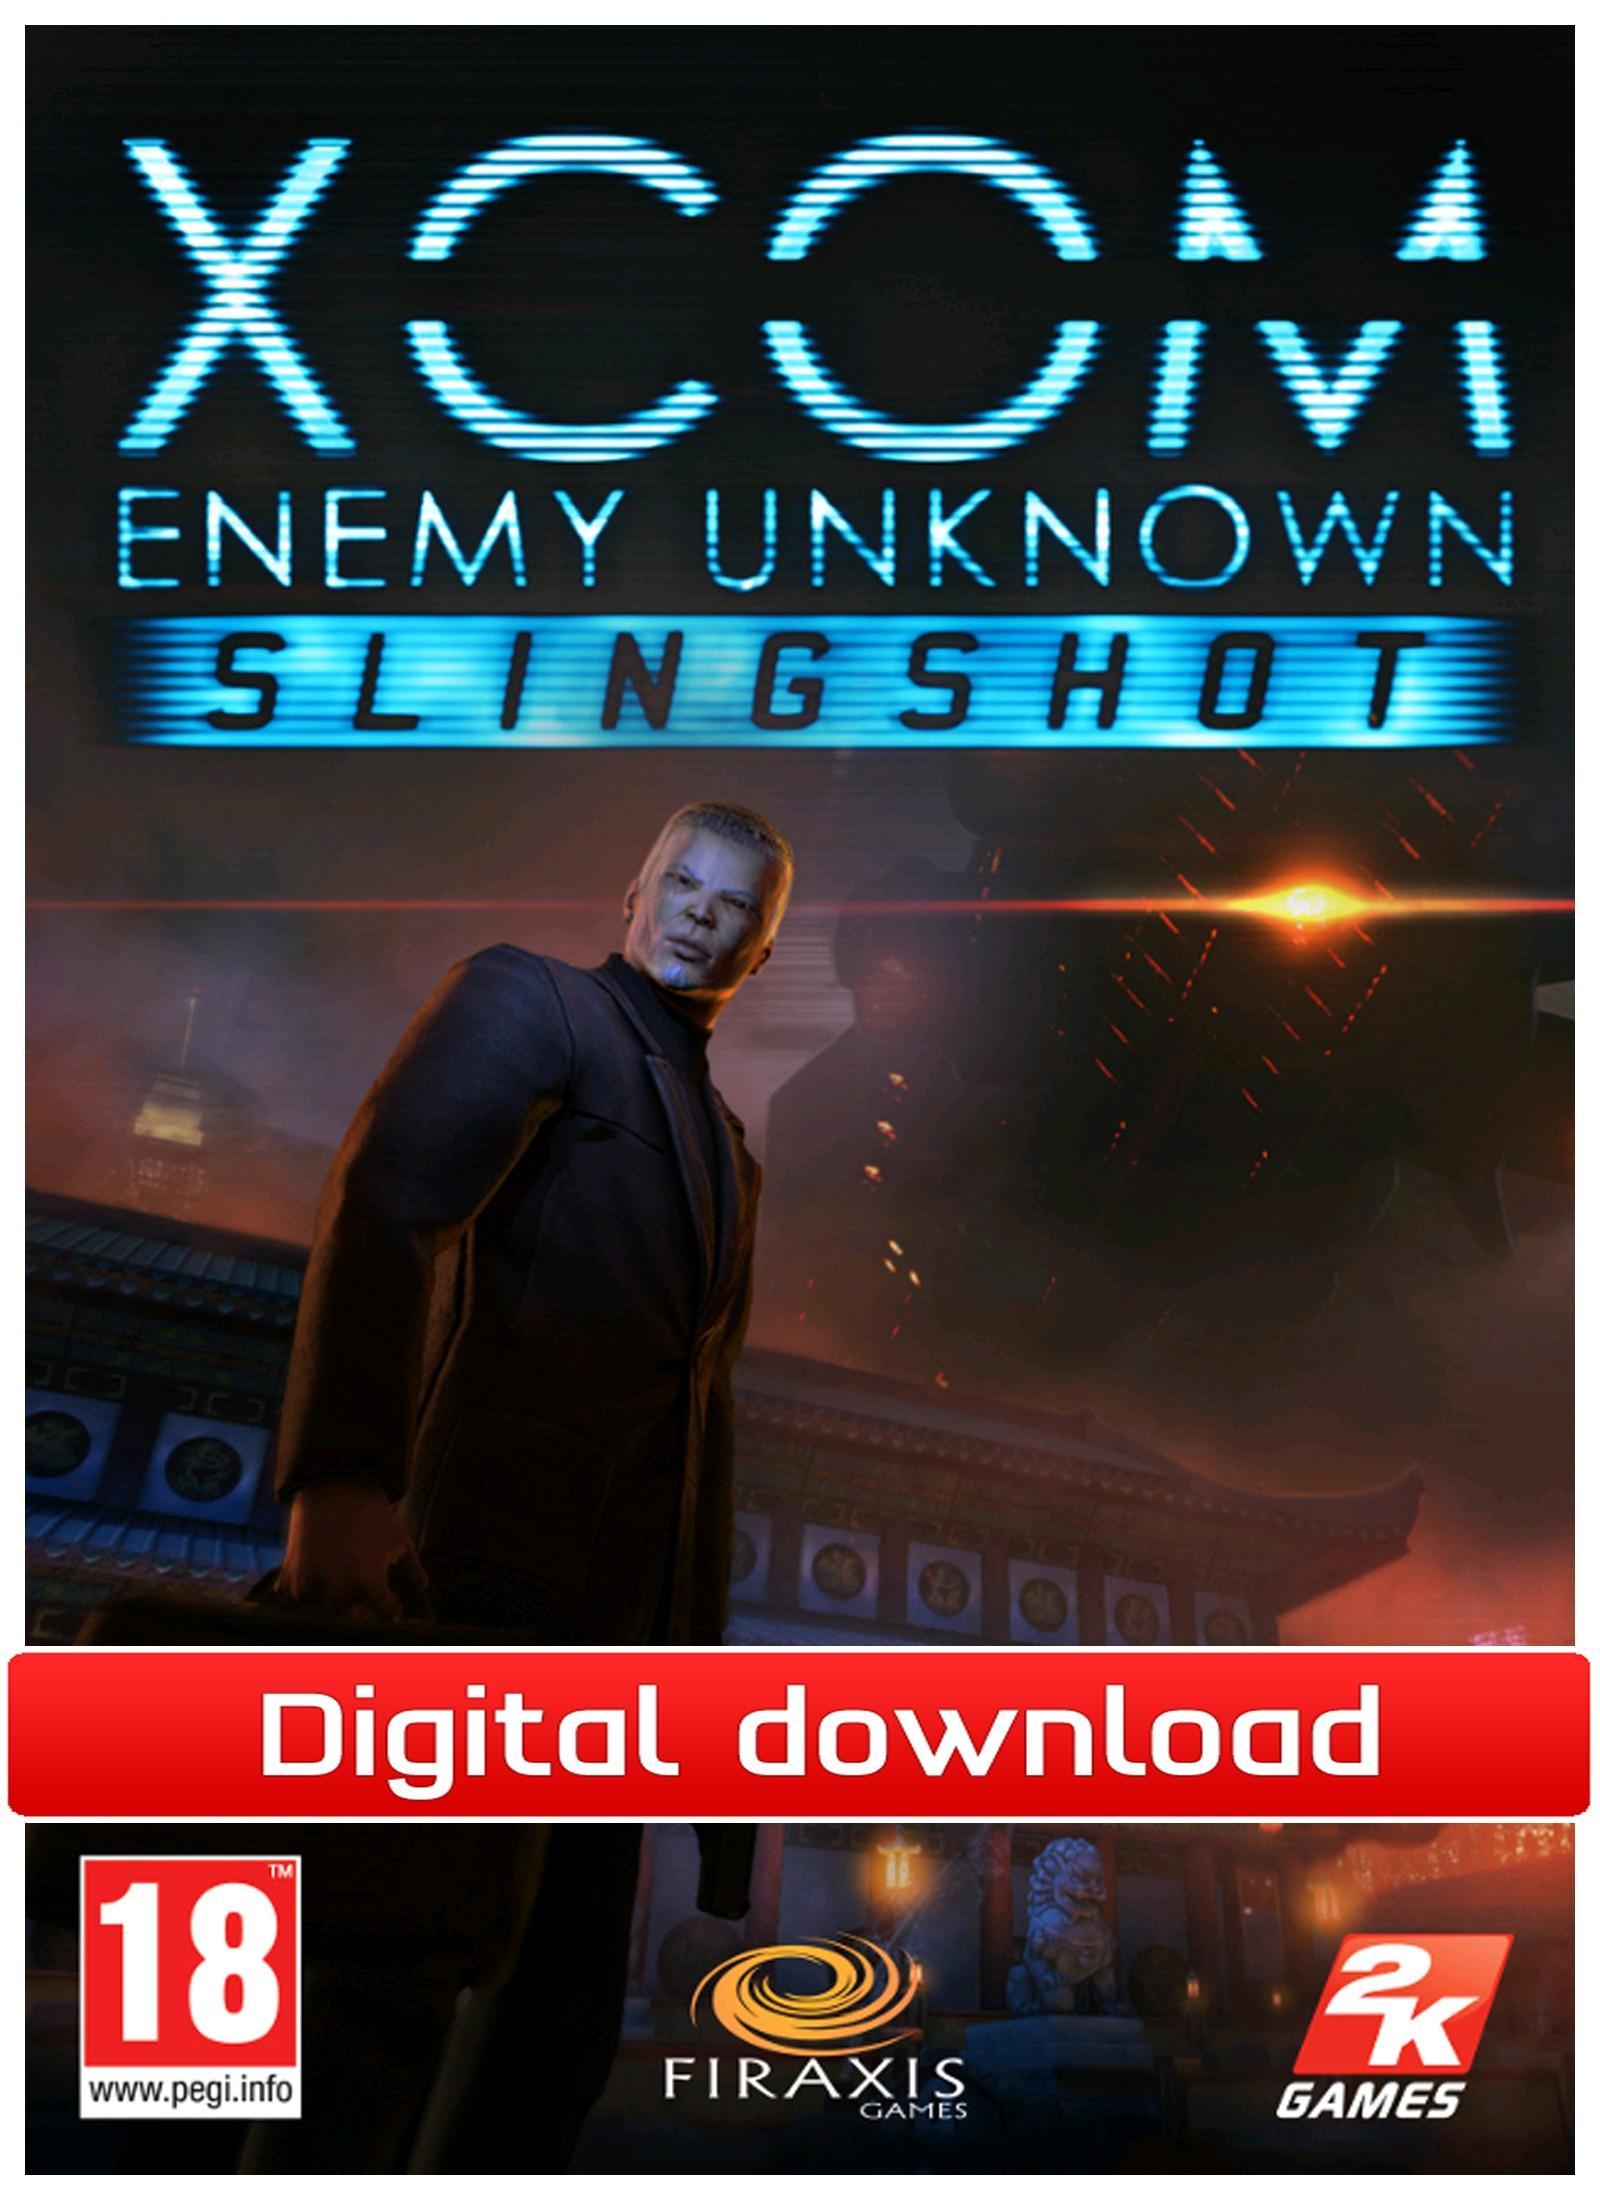 31266 : XCOM: Enemy Unknown – Slingshot (PC nedlastning)